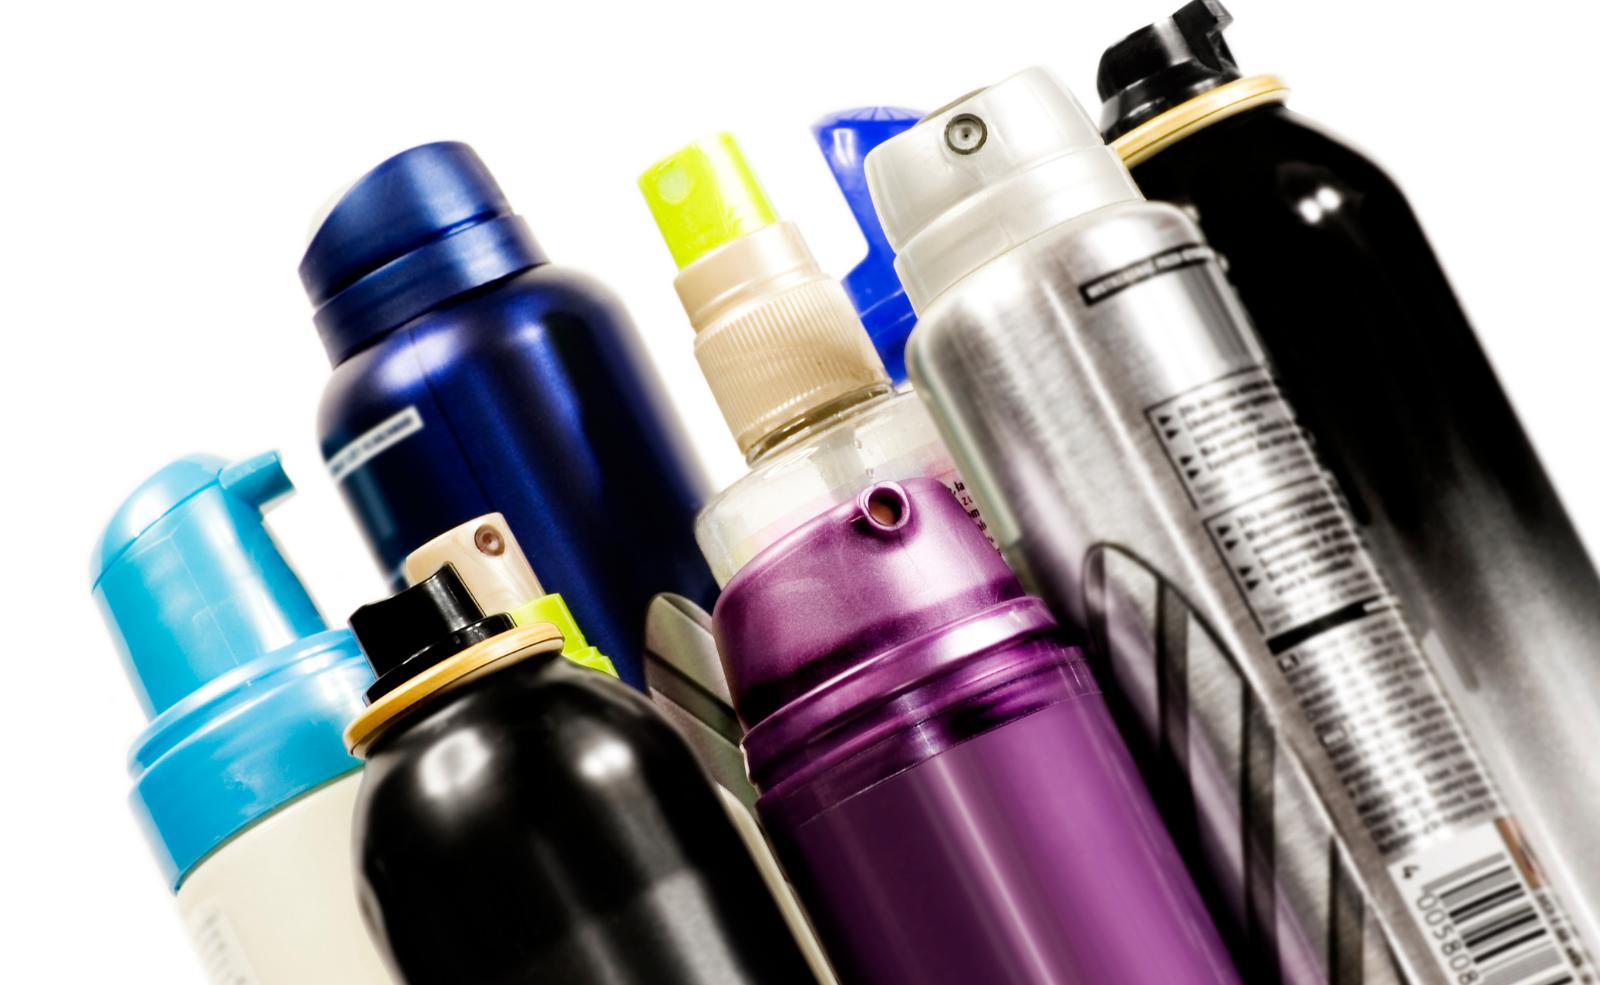 Haarspray und auch andere Spraydosen sollten immer komplett aufgebraucht werden